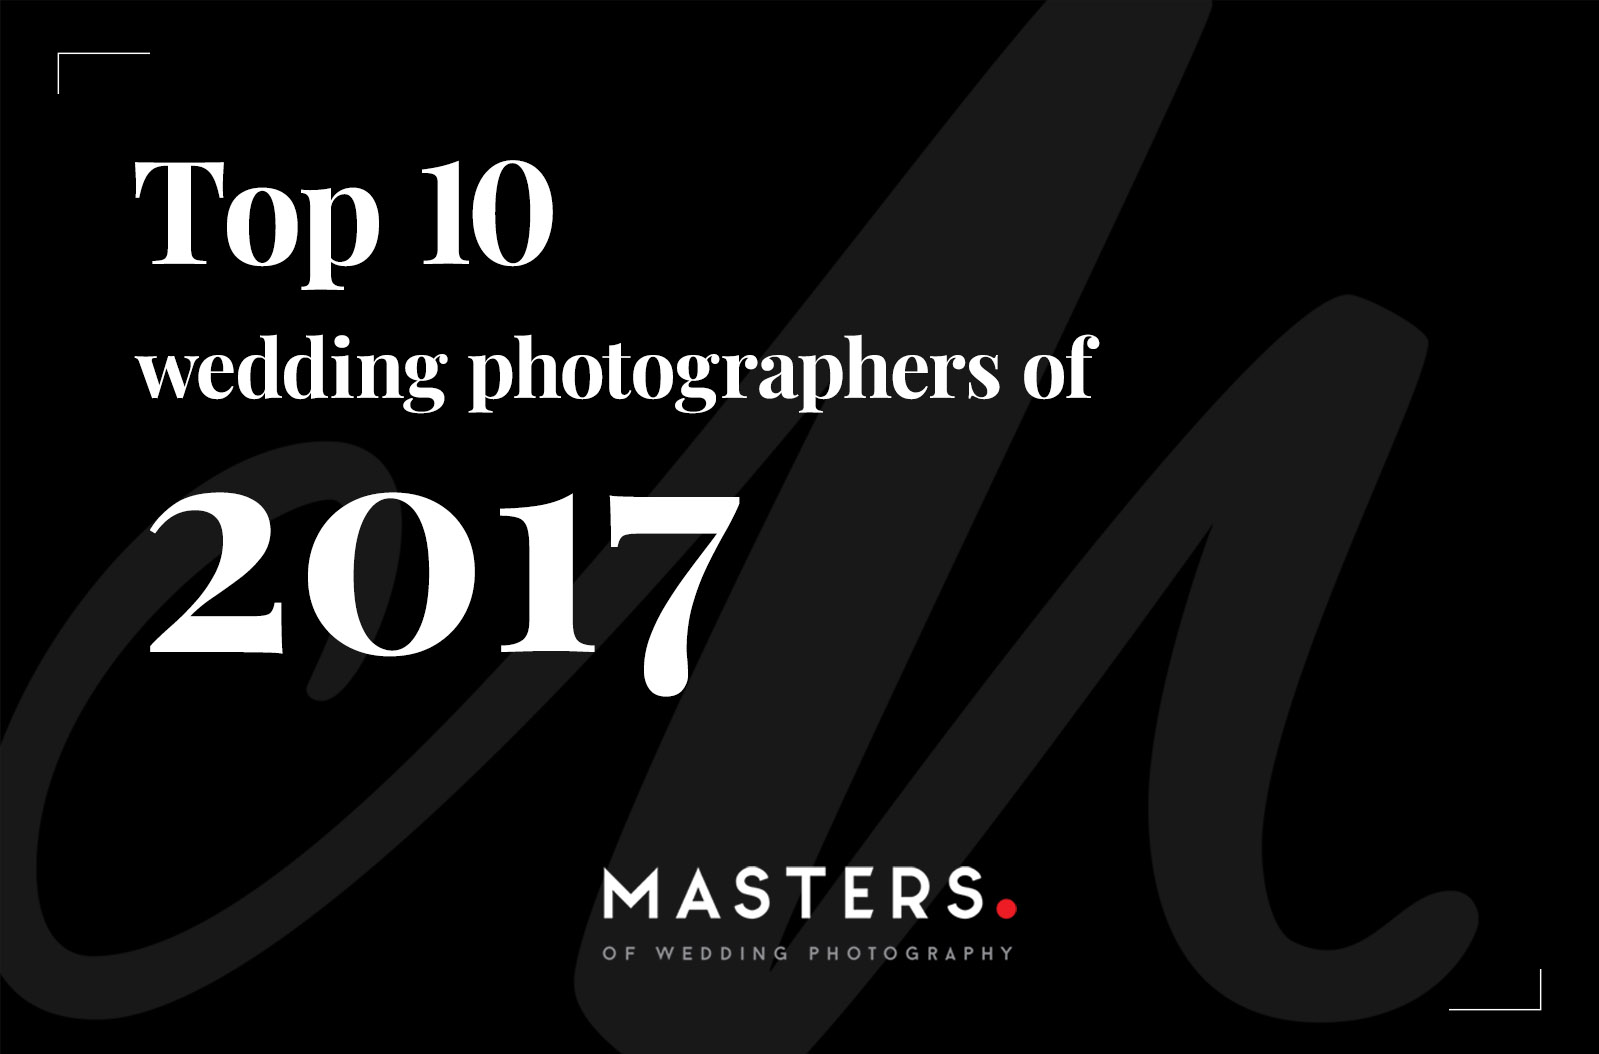 Top 10 trouwfotografen van 2017